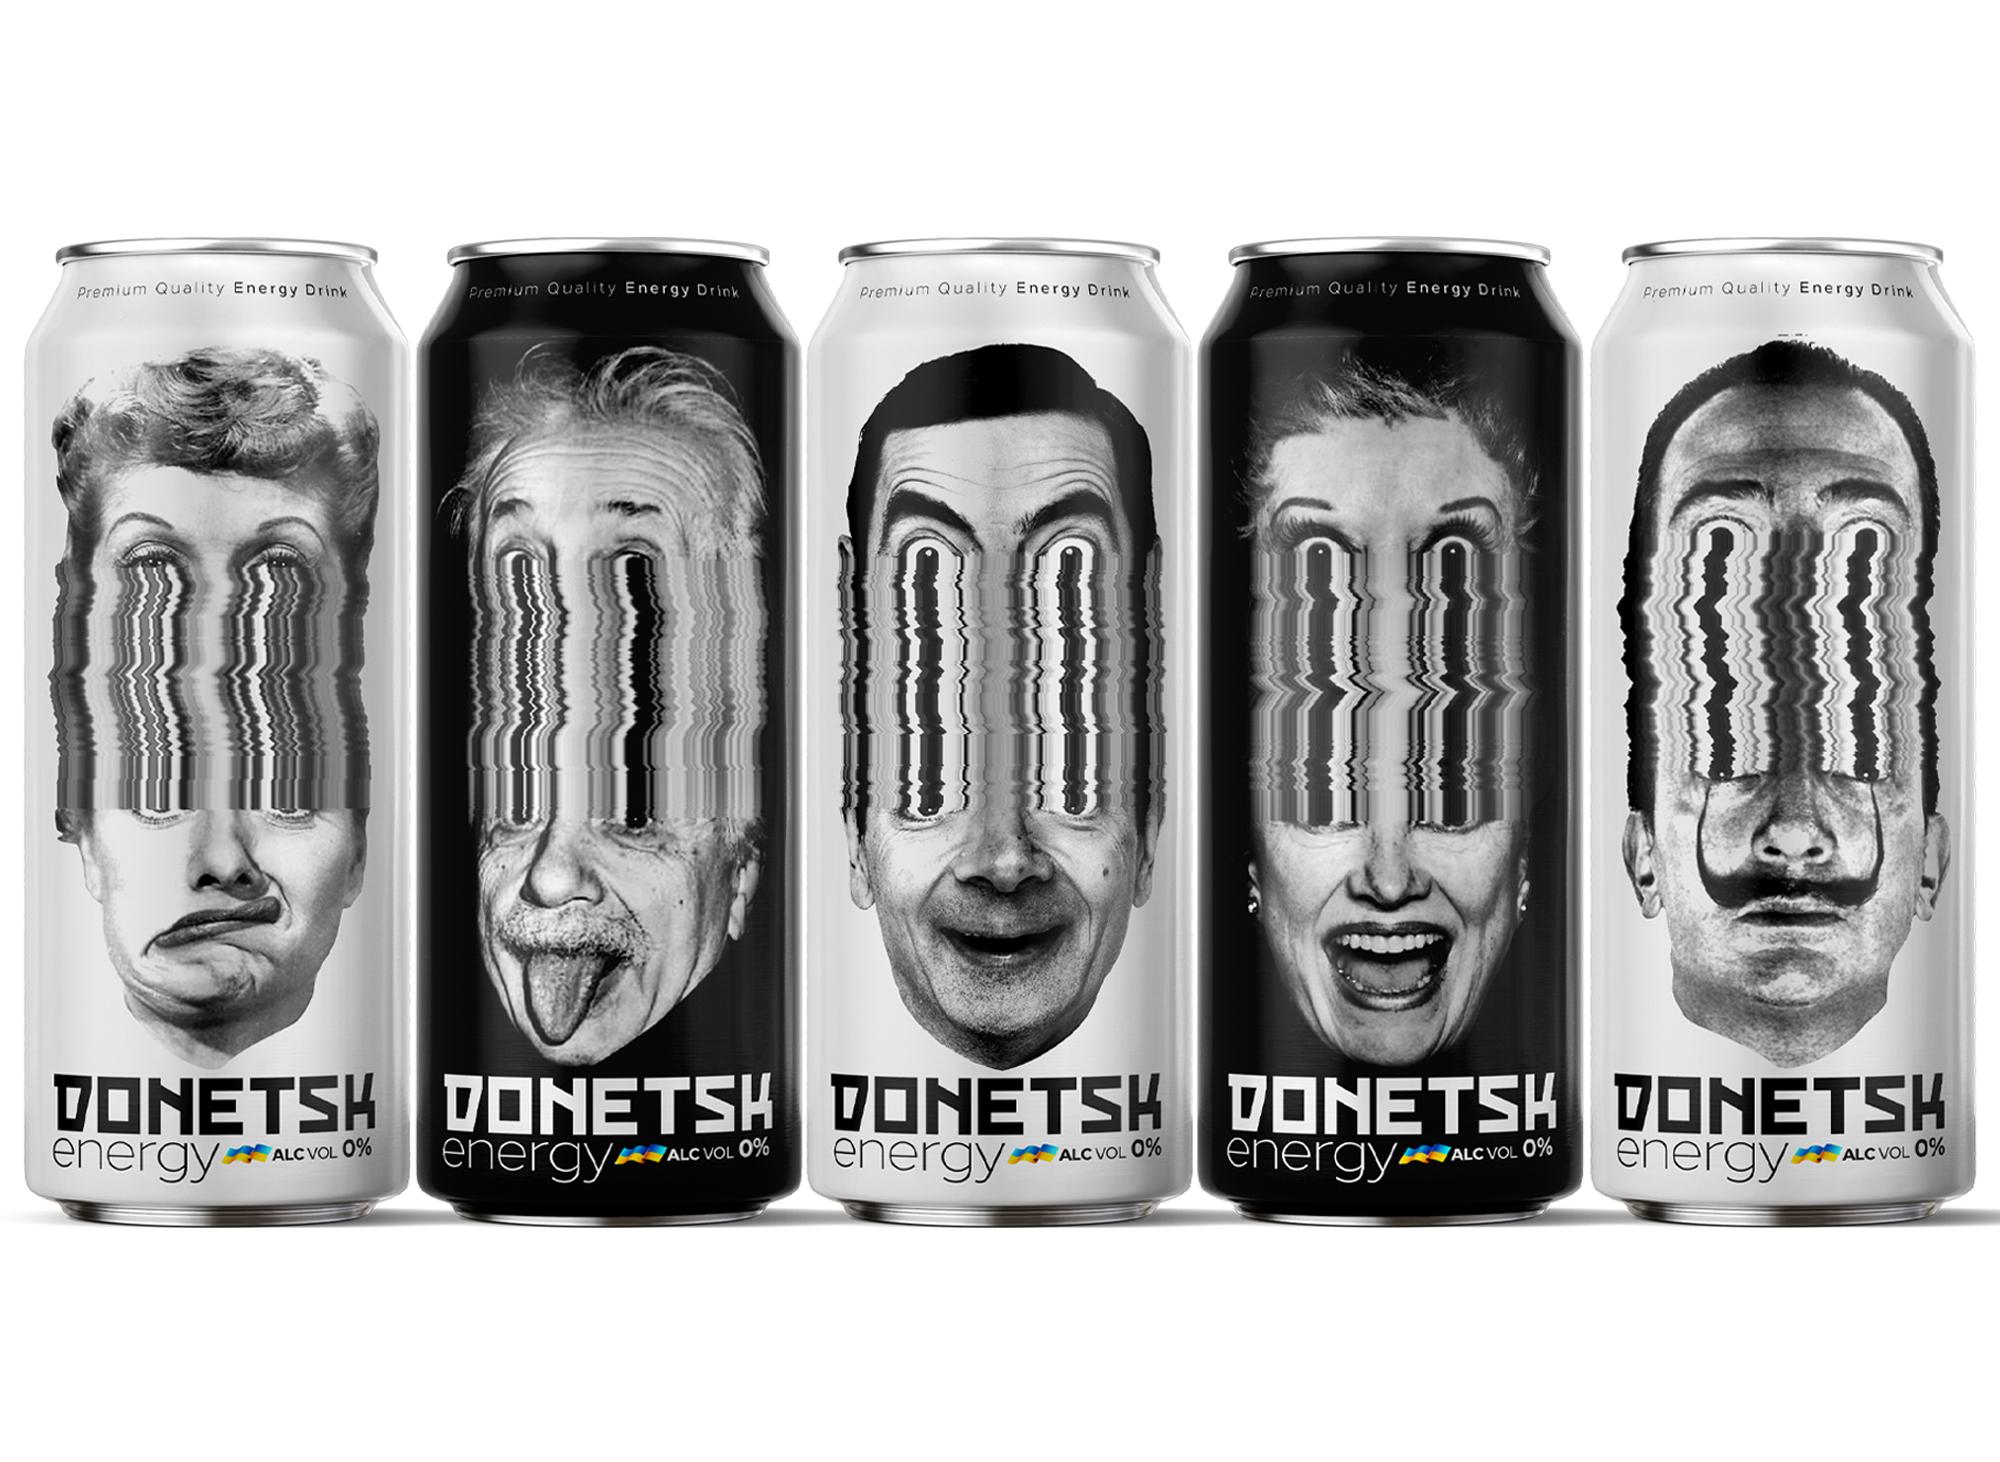 Studio Metis Agency Designed Donetsk Energy Drink